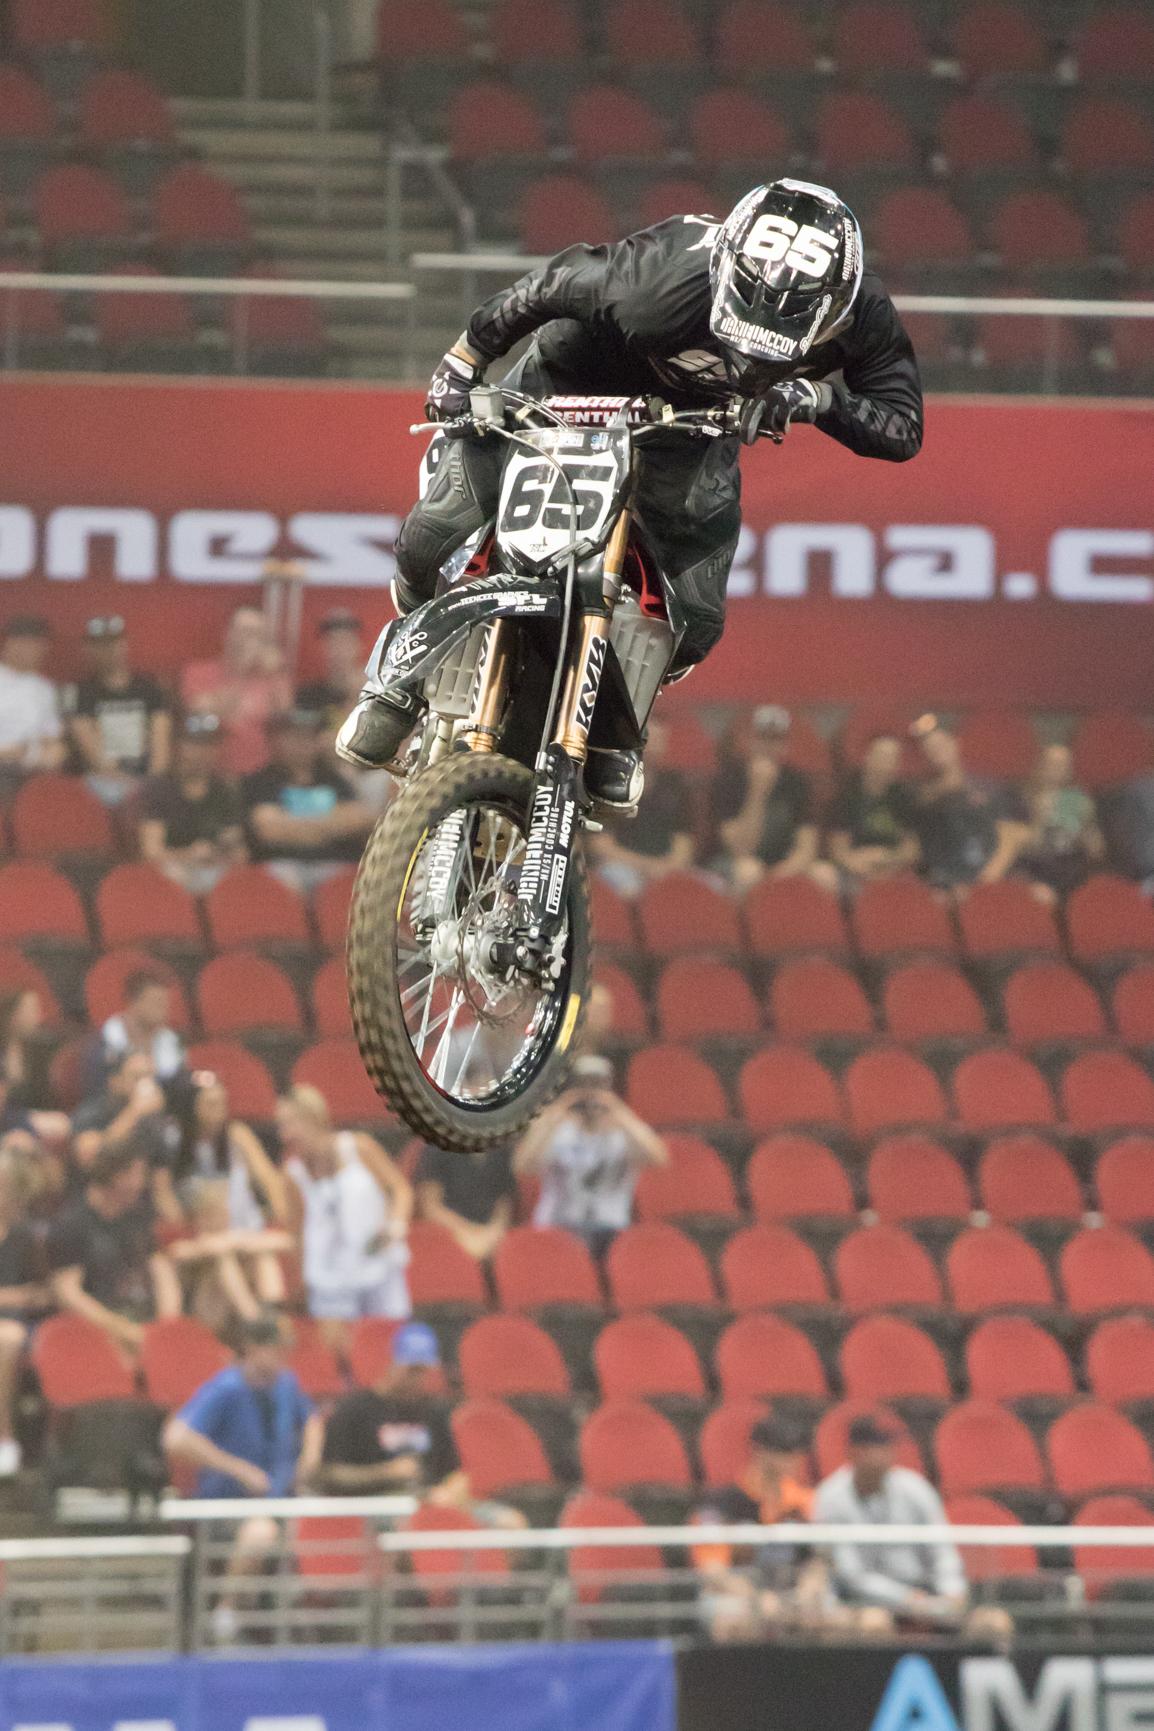 Daniel McCoy at the Aus-X Open